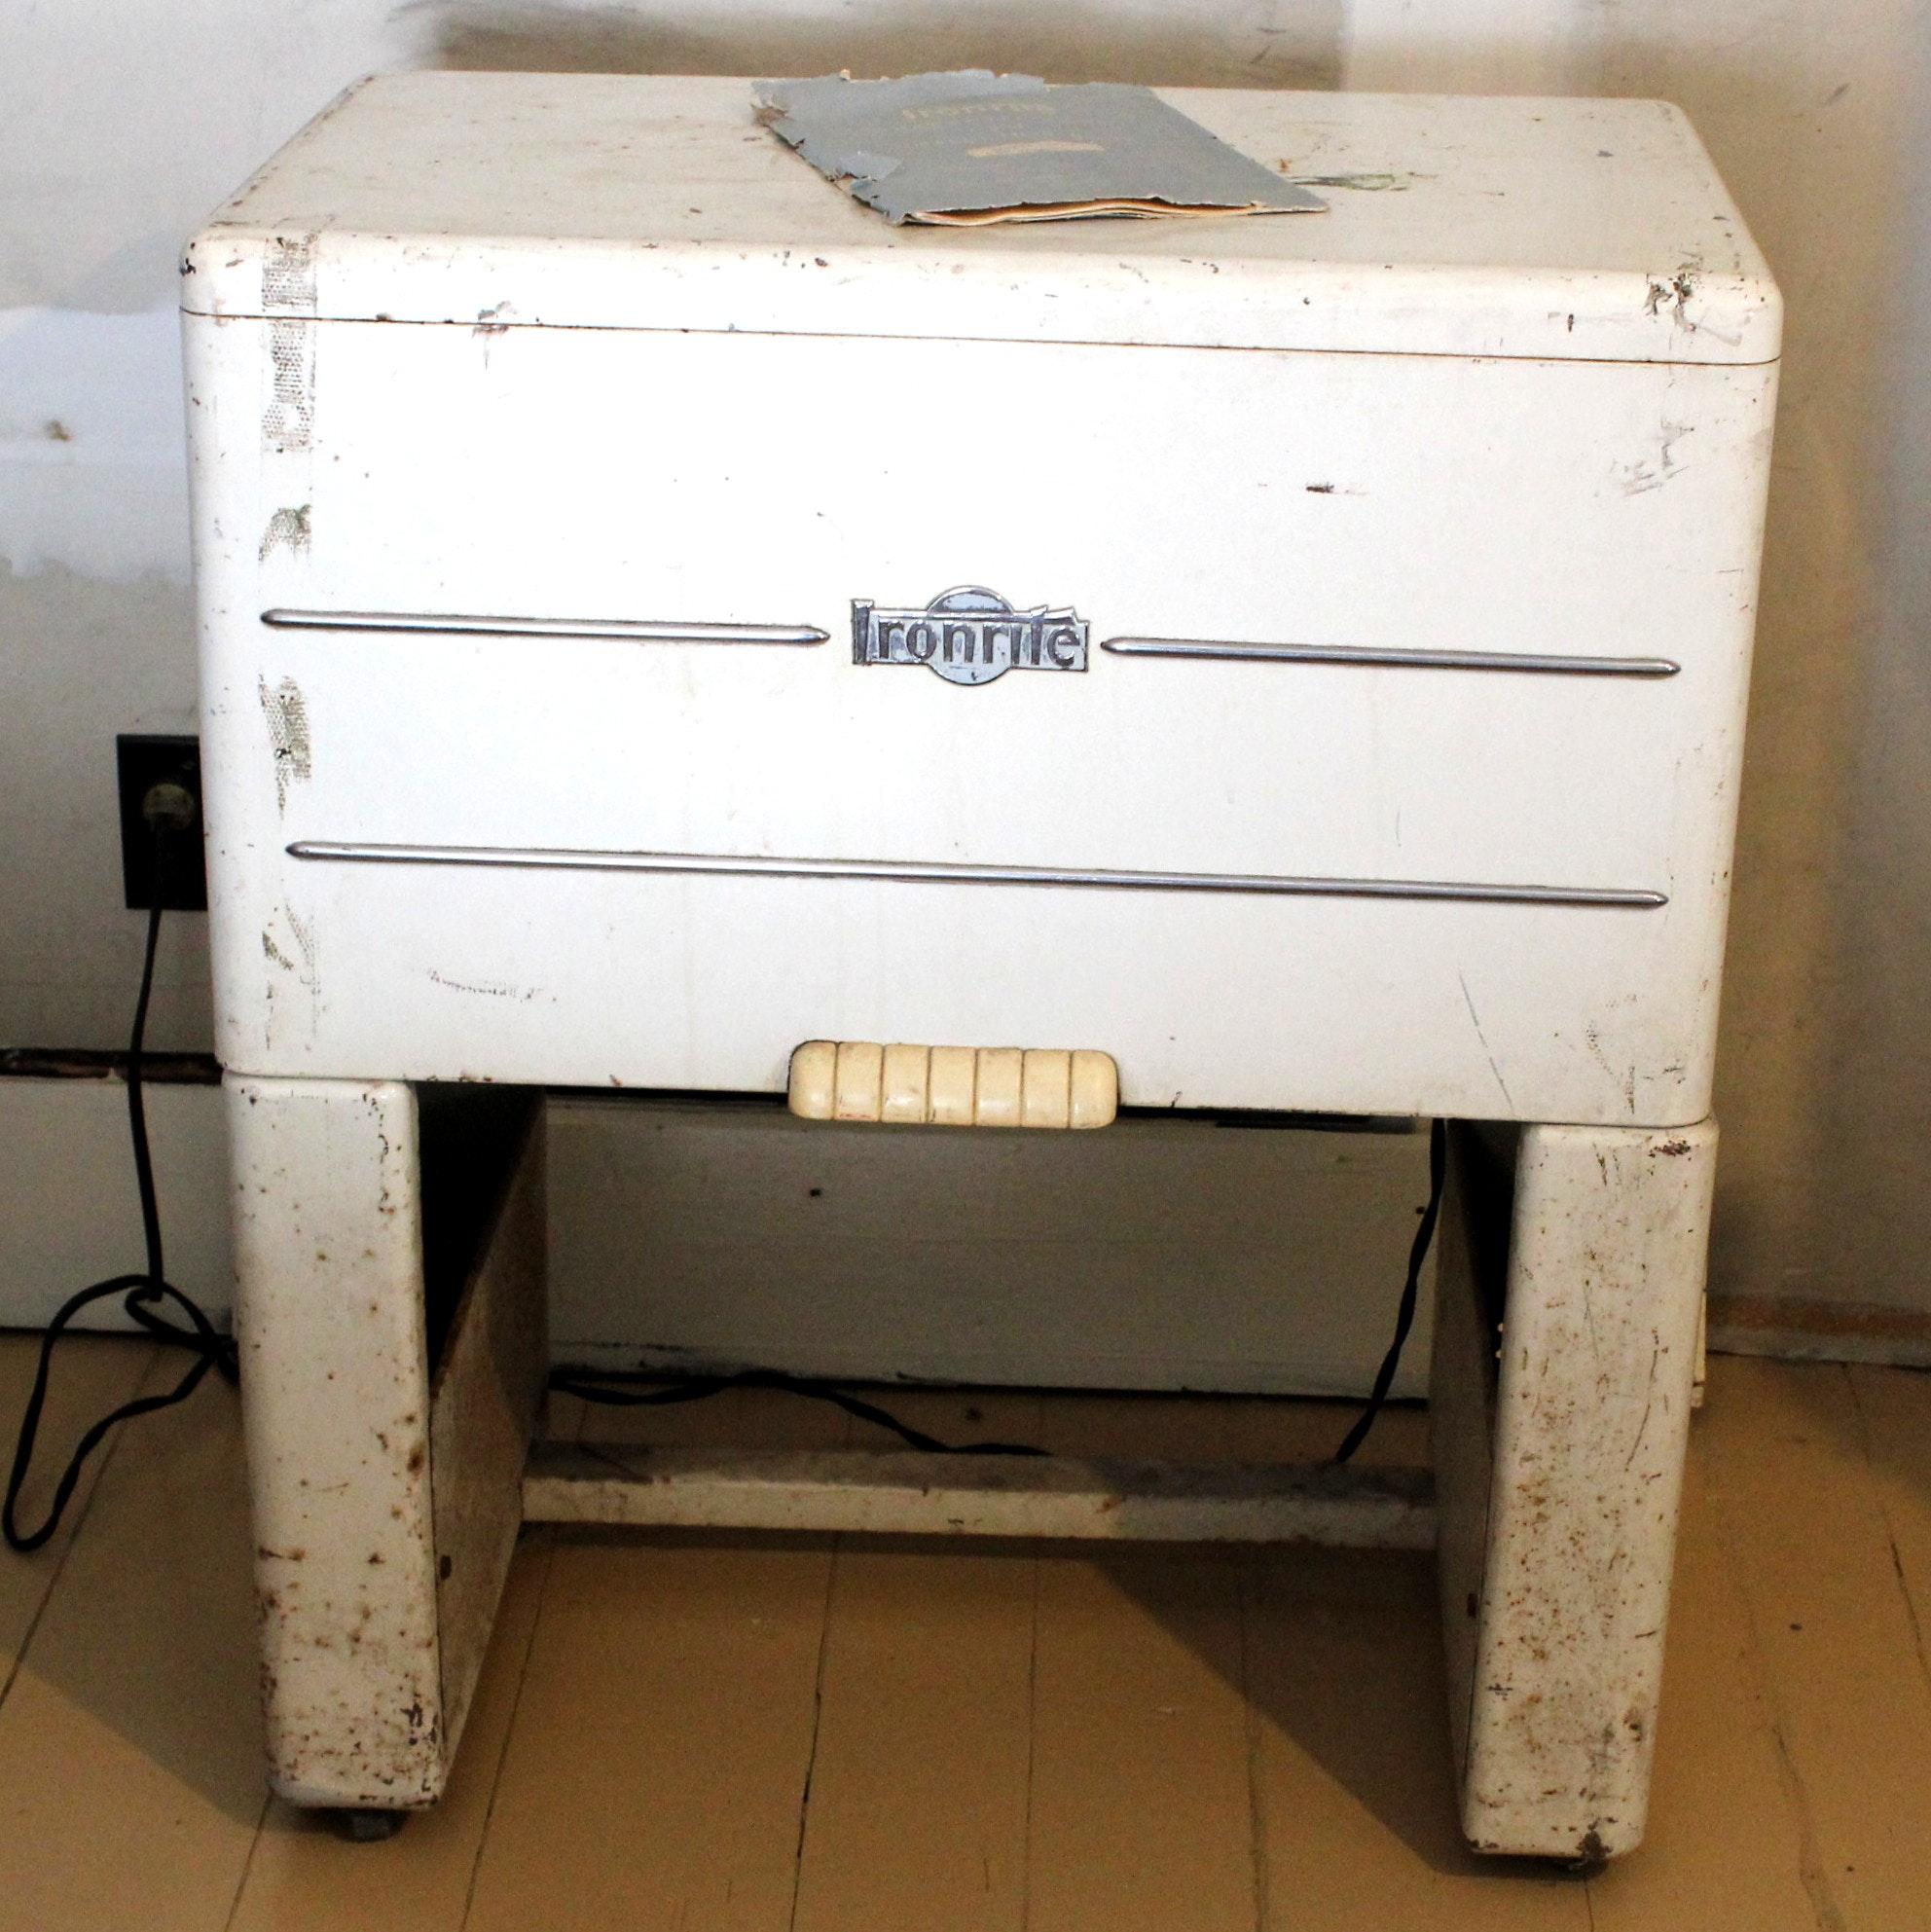 Vintage Ironrite Mangle Ironer